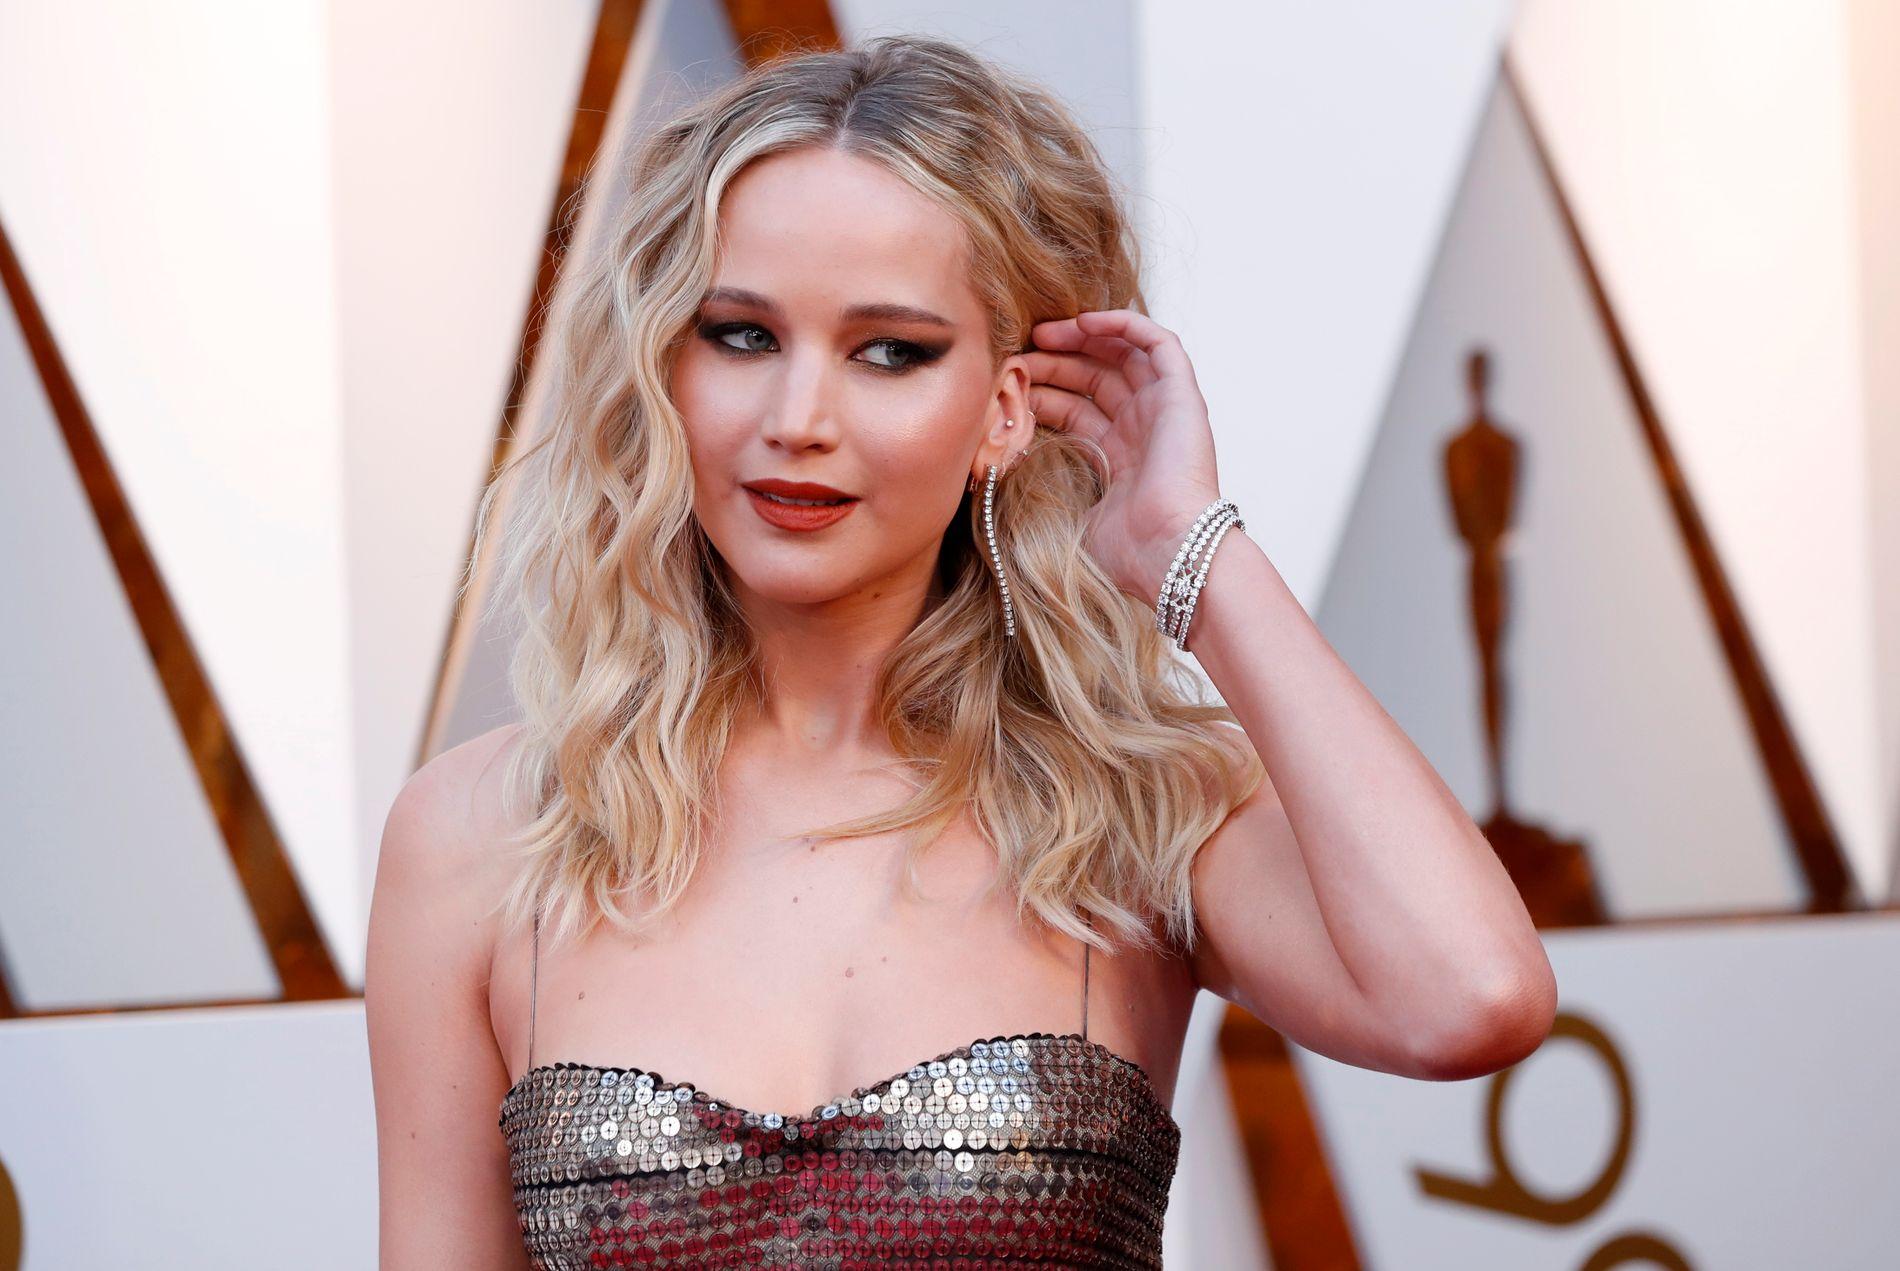 GIFTER SEG: Skuespilleren Jennifer Lawrence er klar for bryllup med kjæresten Cooke Maroney.